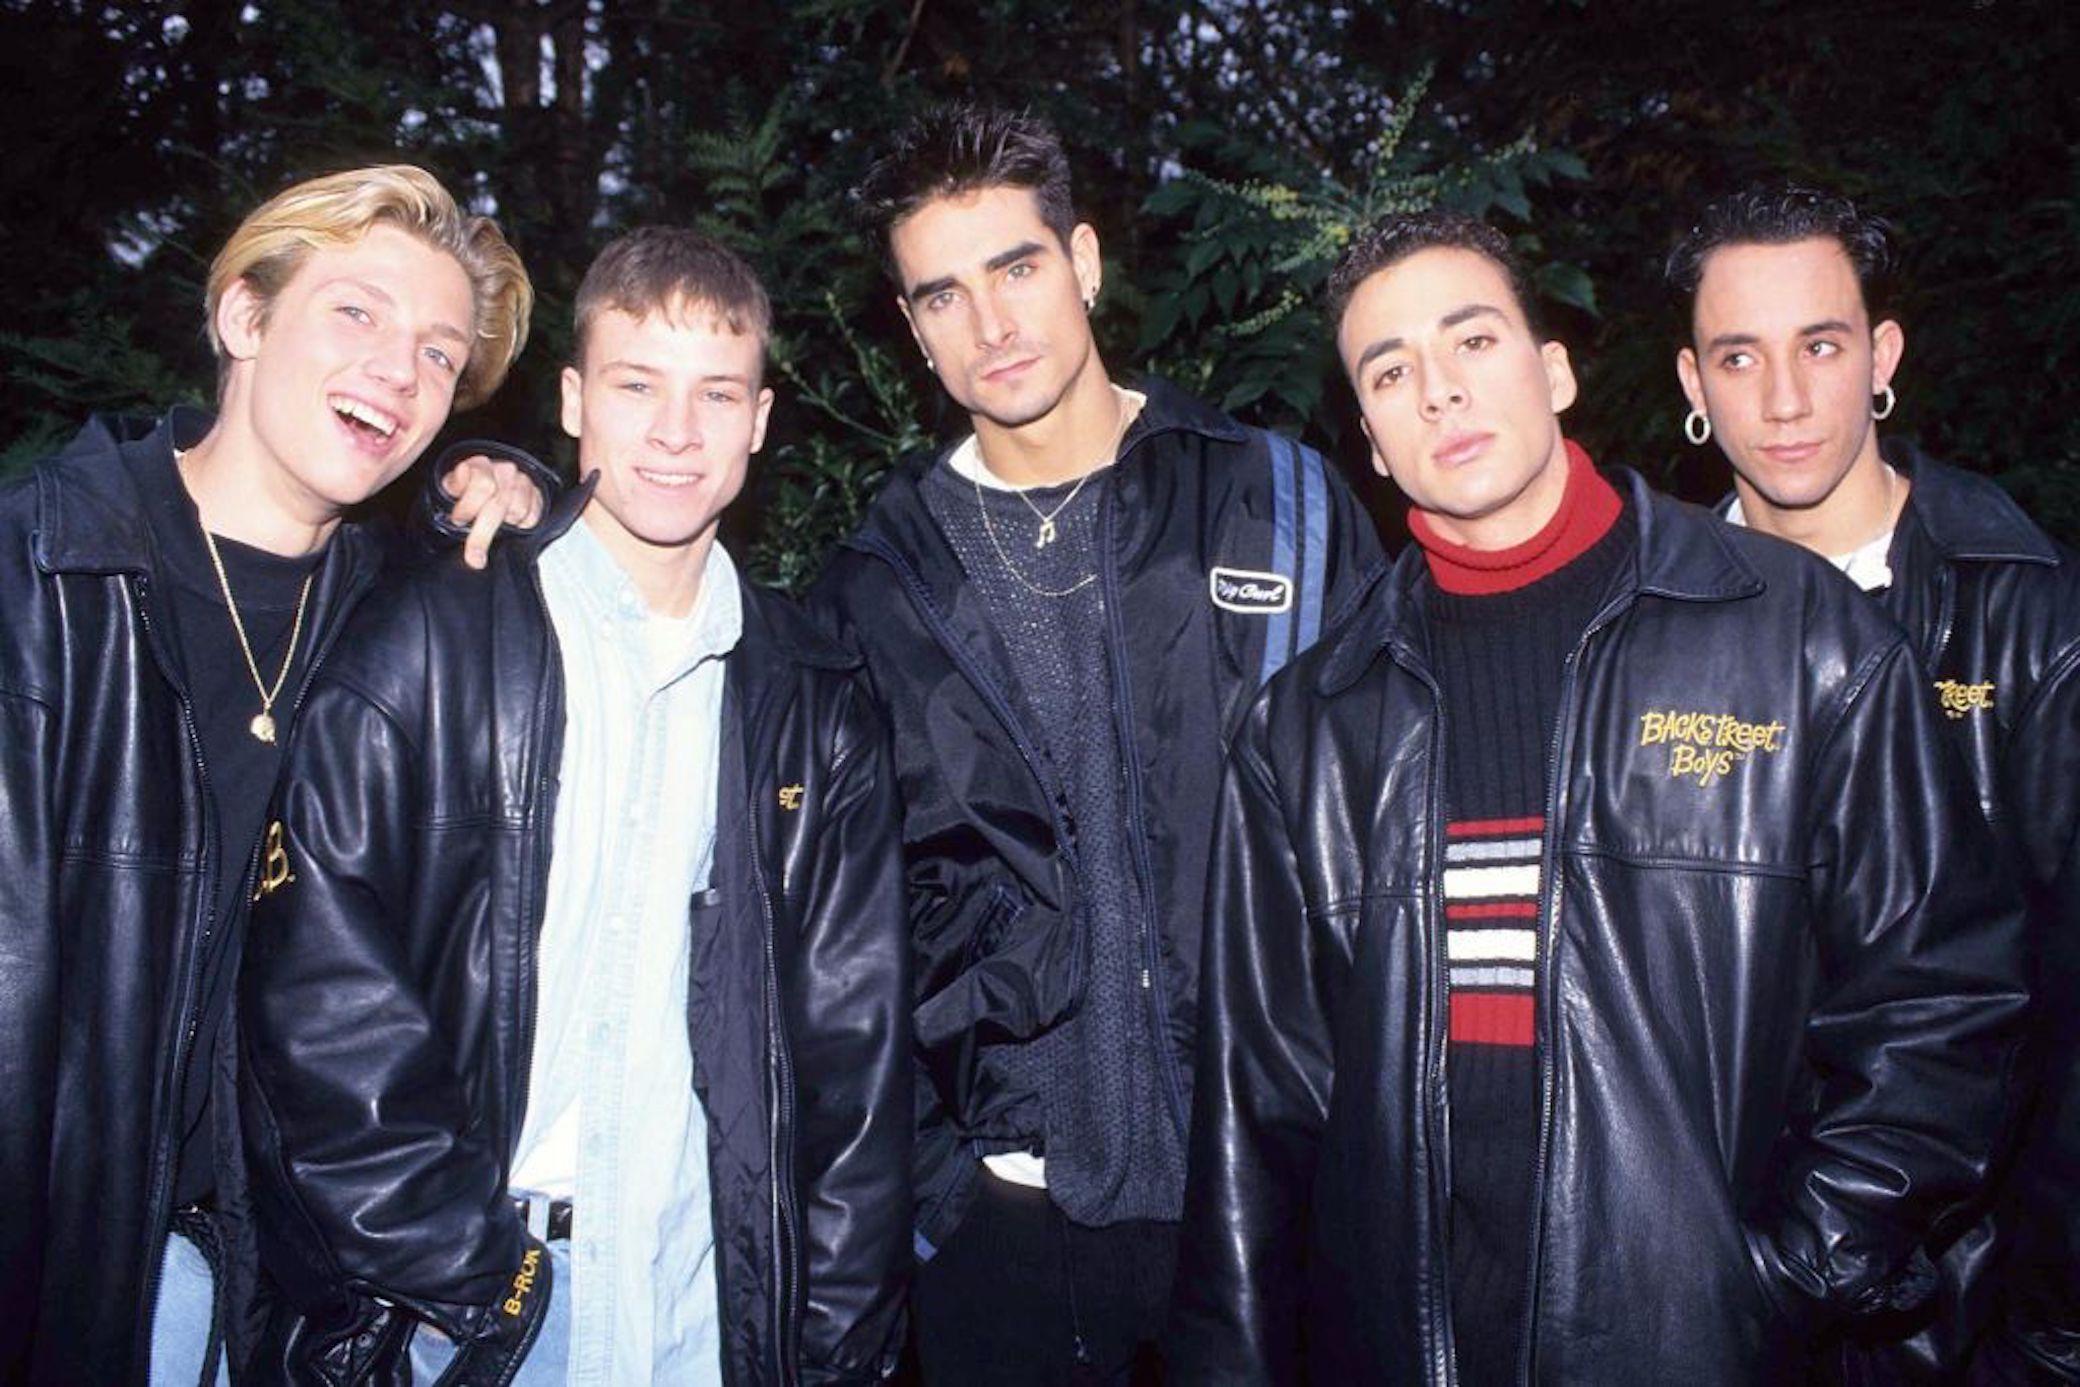 Von wegen schöne, heile Boygroup-Welt: Wie es den Backstreet Boys seit den 90ern ergangen ist